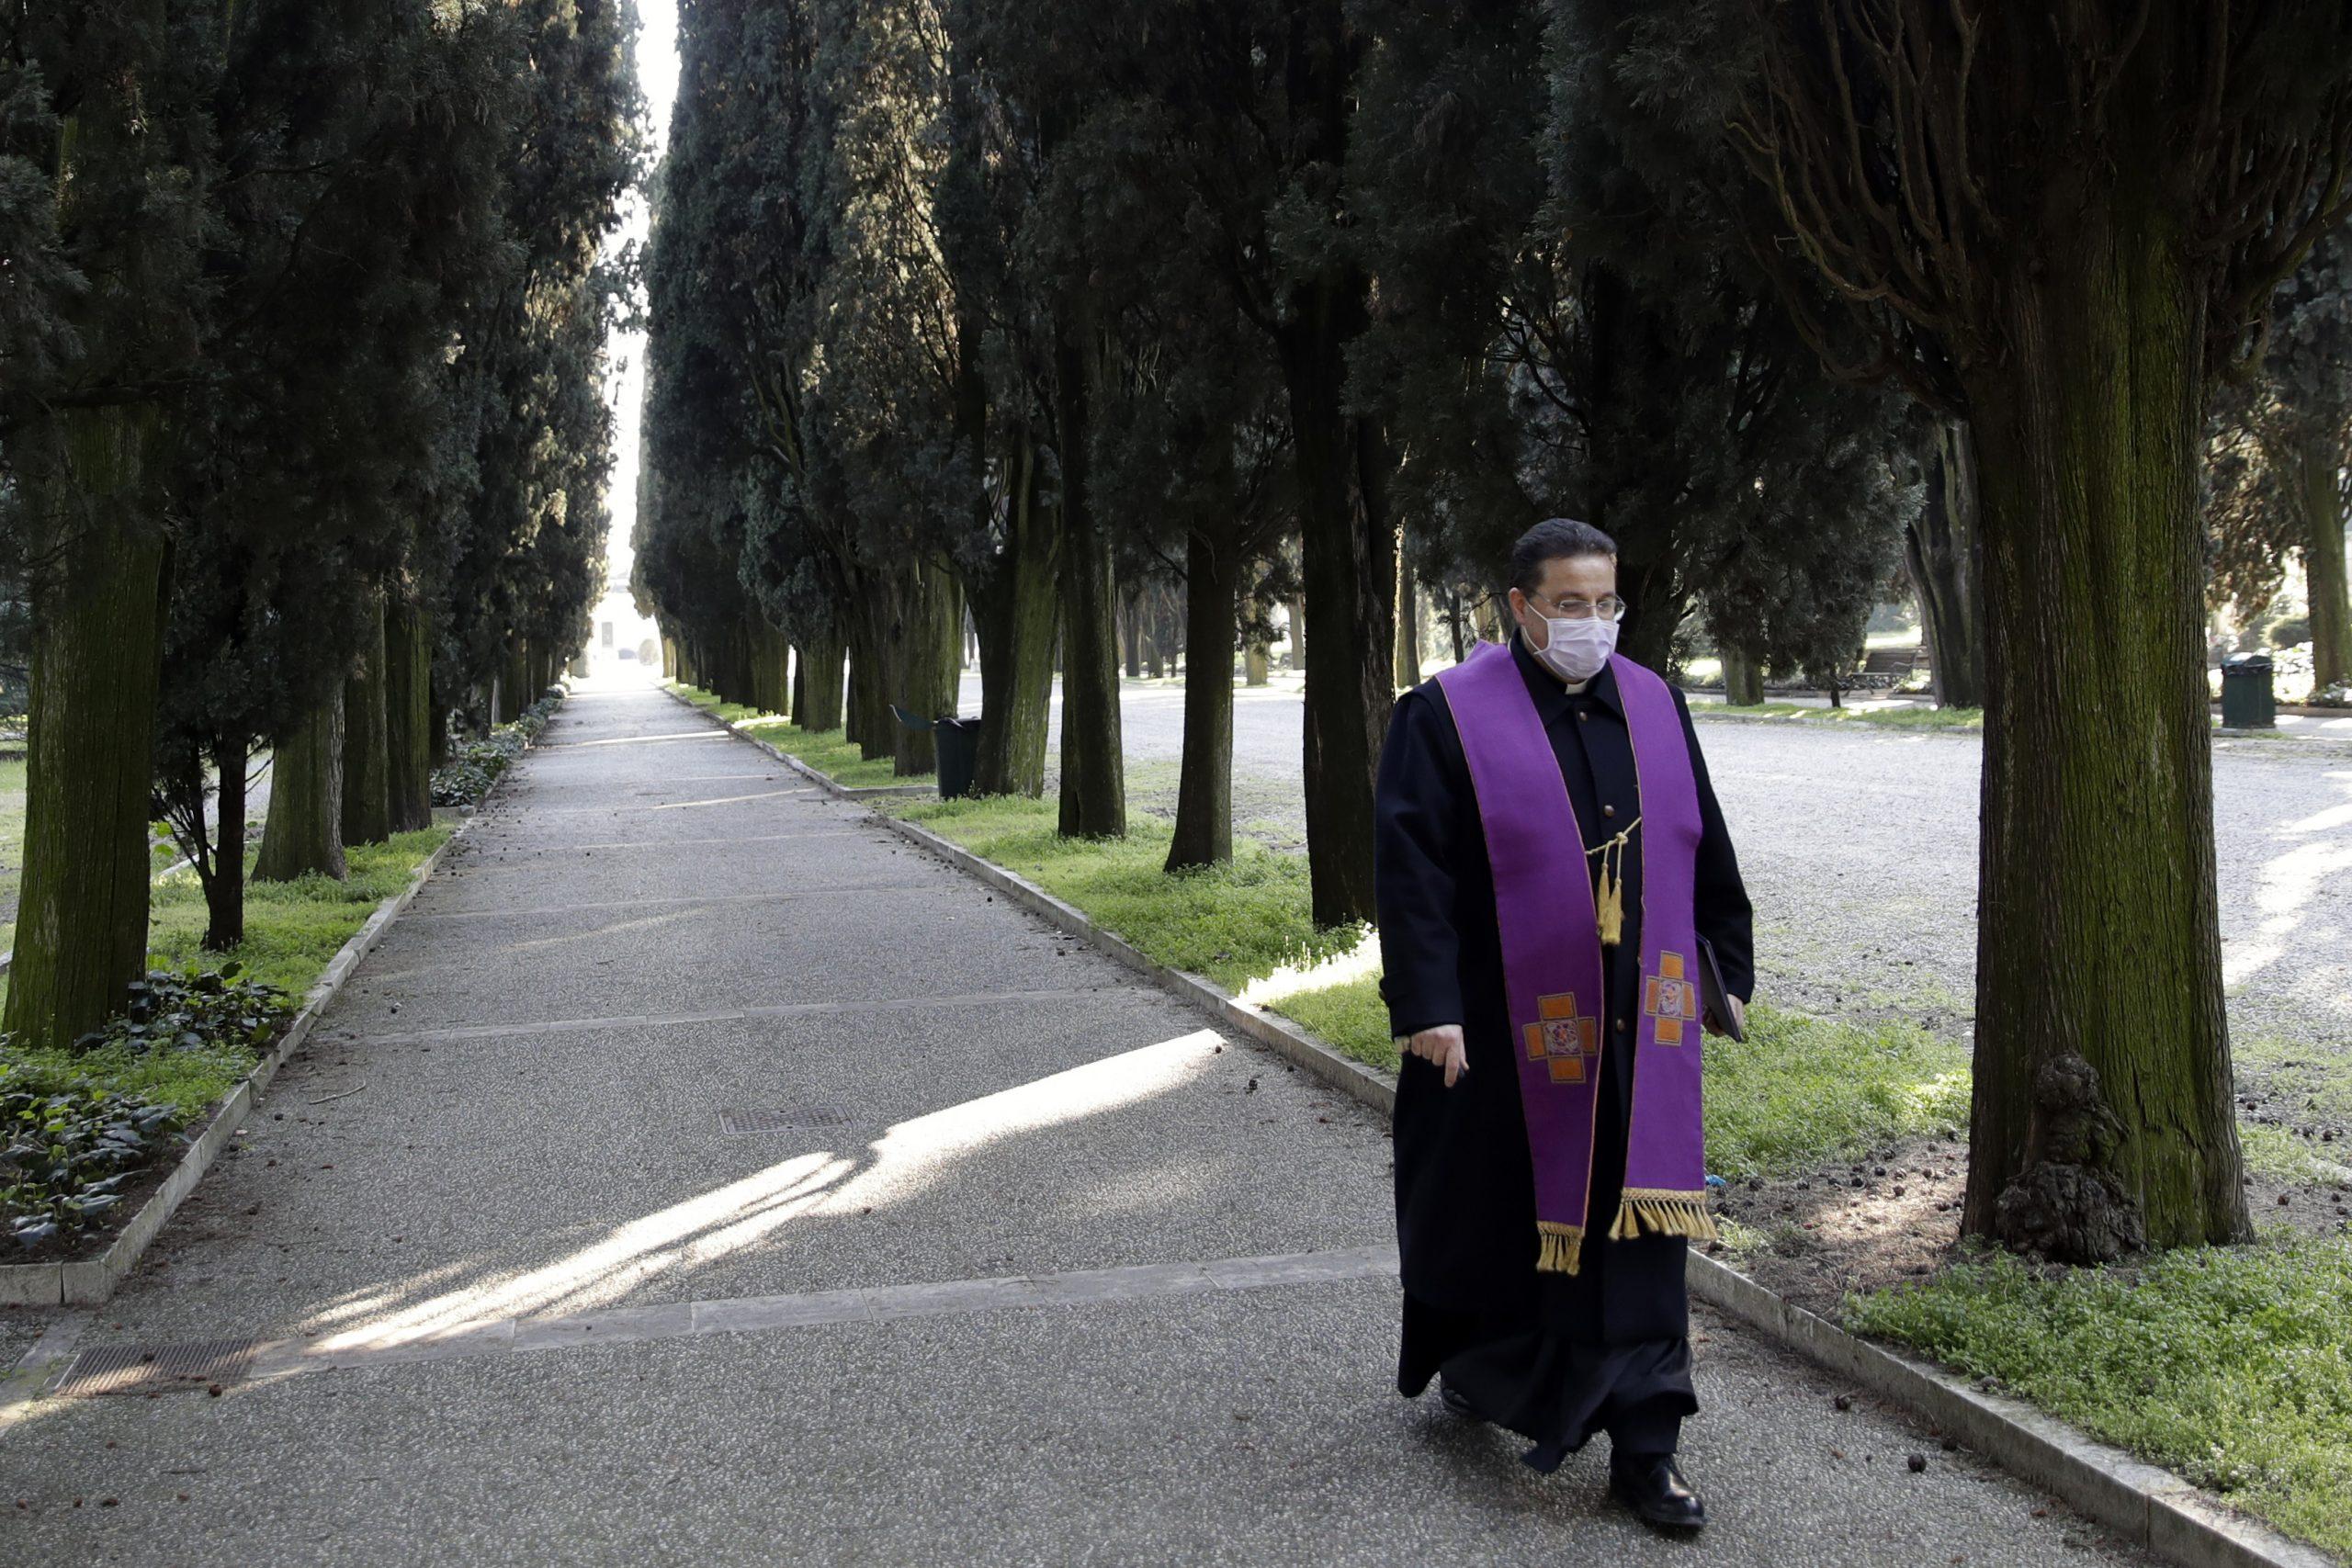 Un sacerdote cammina all'interno del cimitero monumentale di Brescia, detto Vantiniano, dopo aver benedetto le bare di alcune vittime di Covid-19 (LaPresse)